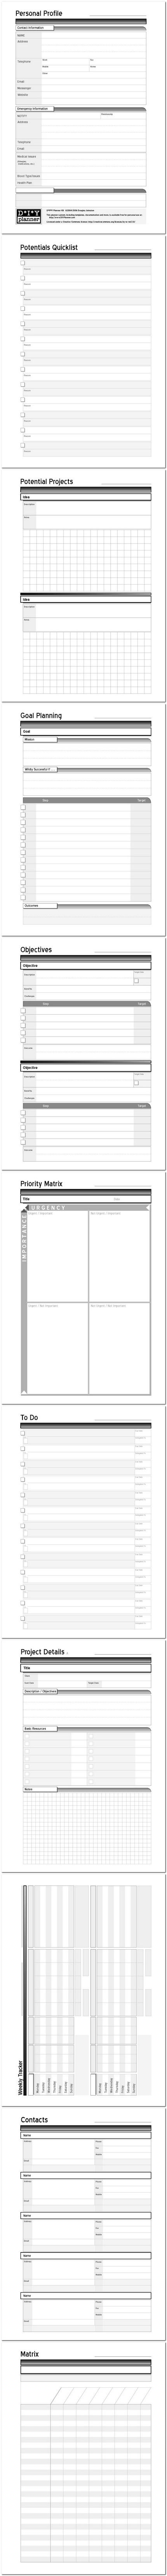 Câteva exemple de pagini